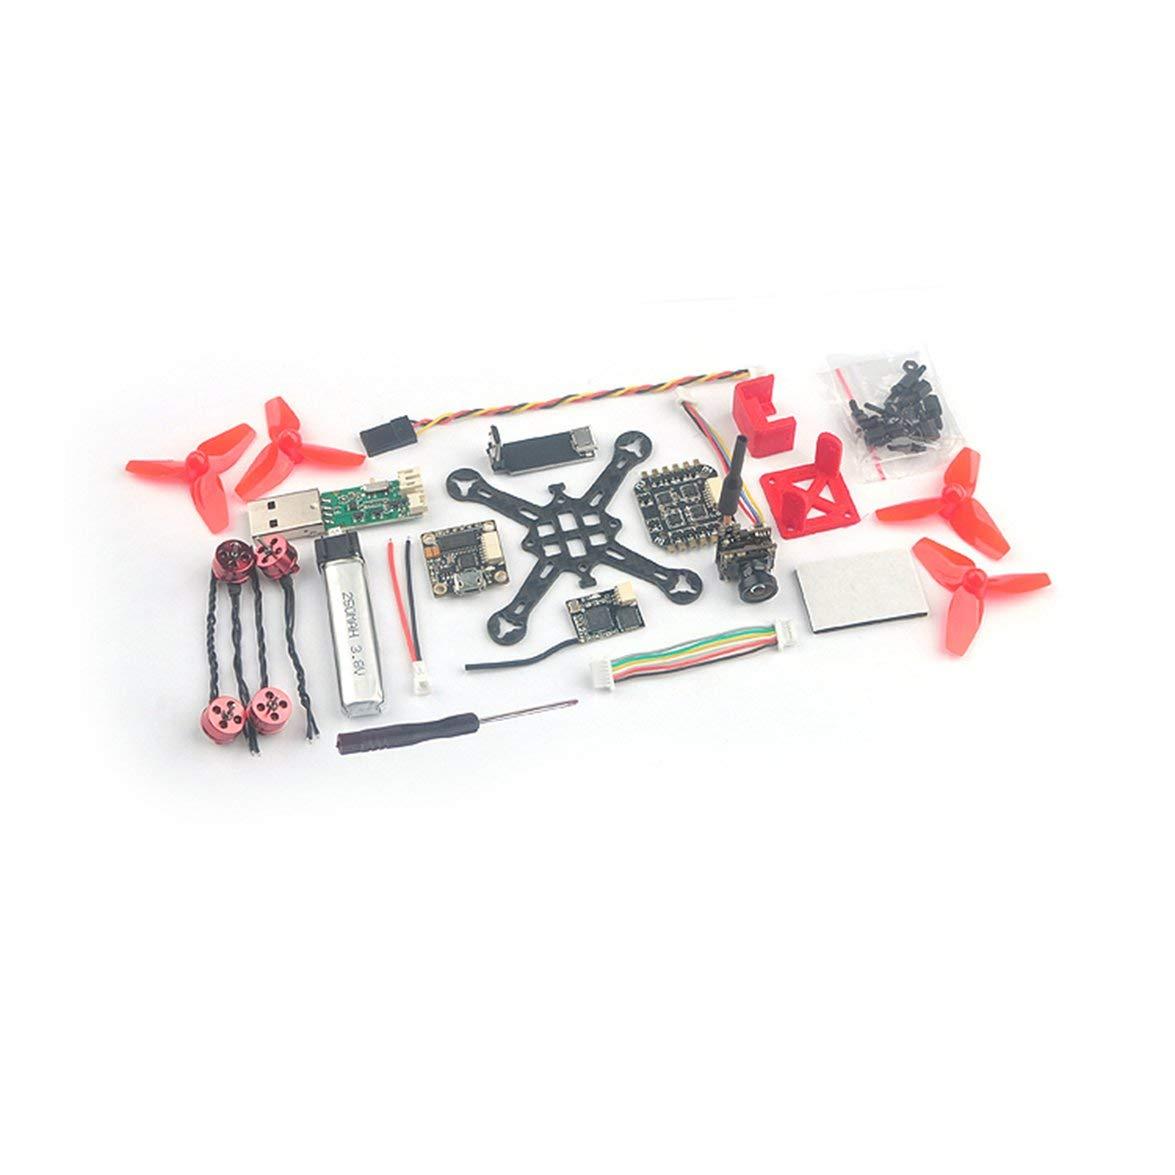 Kongqiabona Happymodel Trainer66 Mini 66mm 1S RC FPV Racing Drohne mit Betaflight OSD PNP-Version Kompatibel mit Flysky FS-RX2A Por-Empfänger